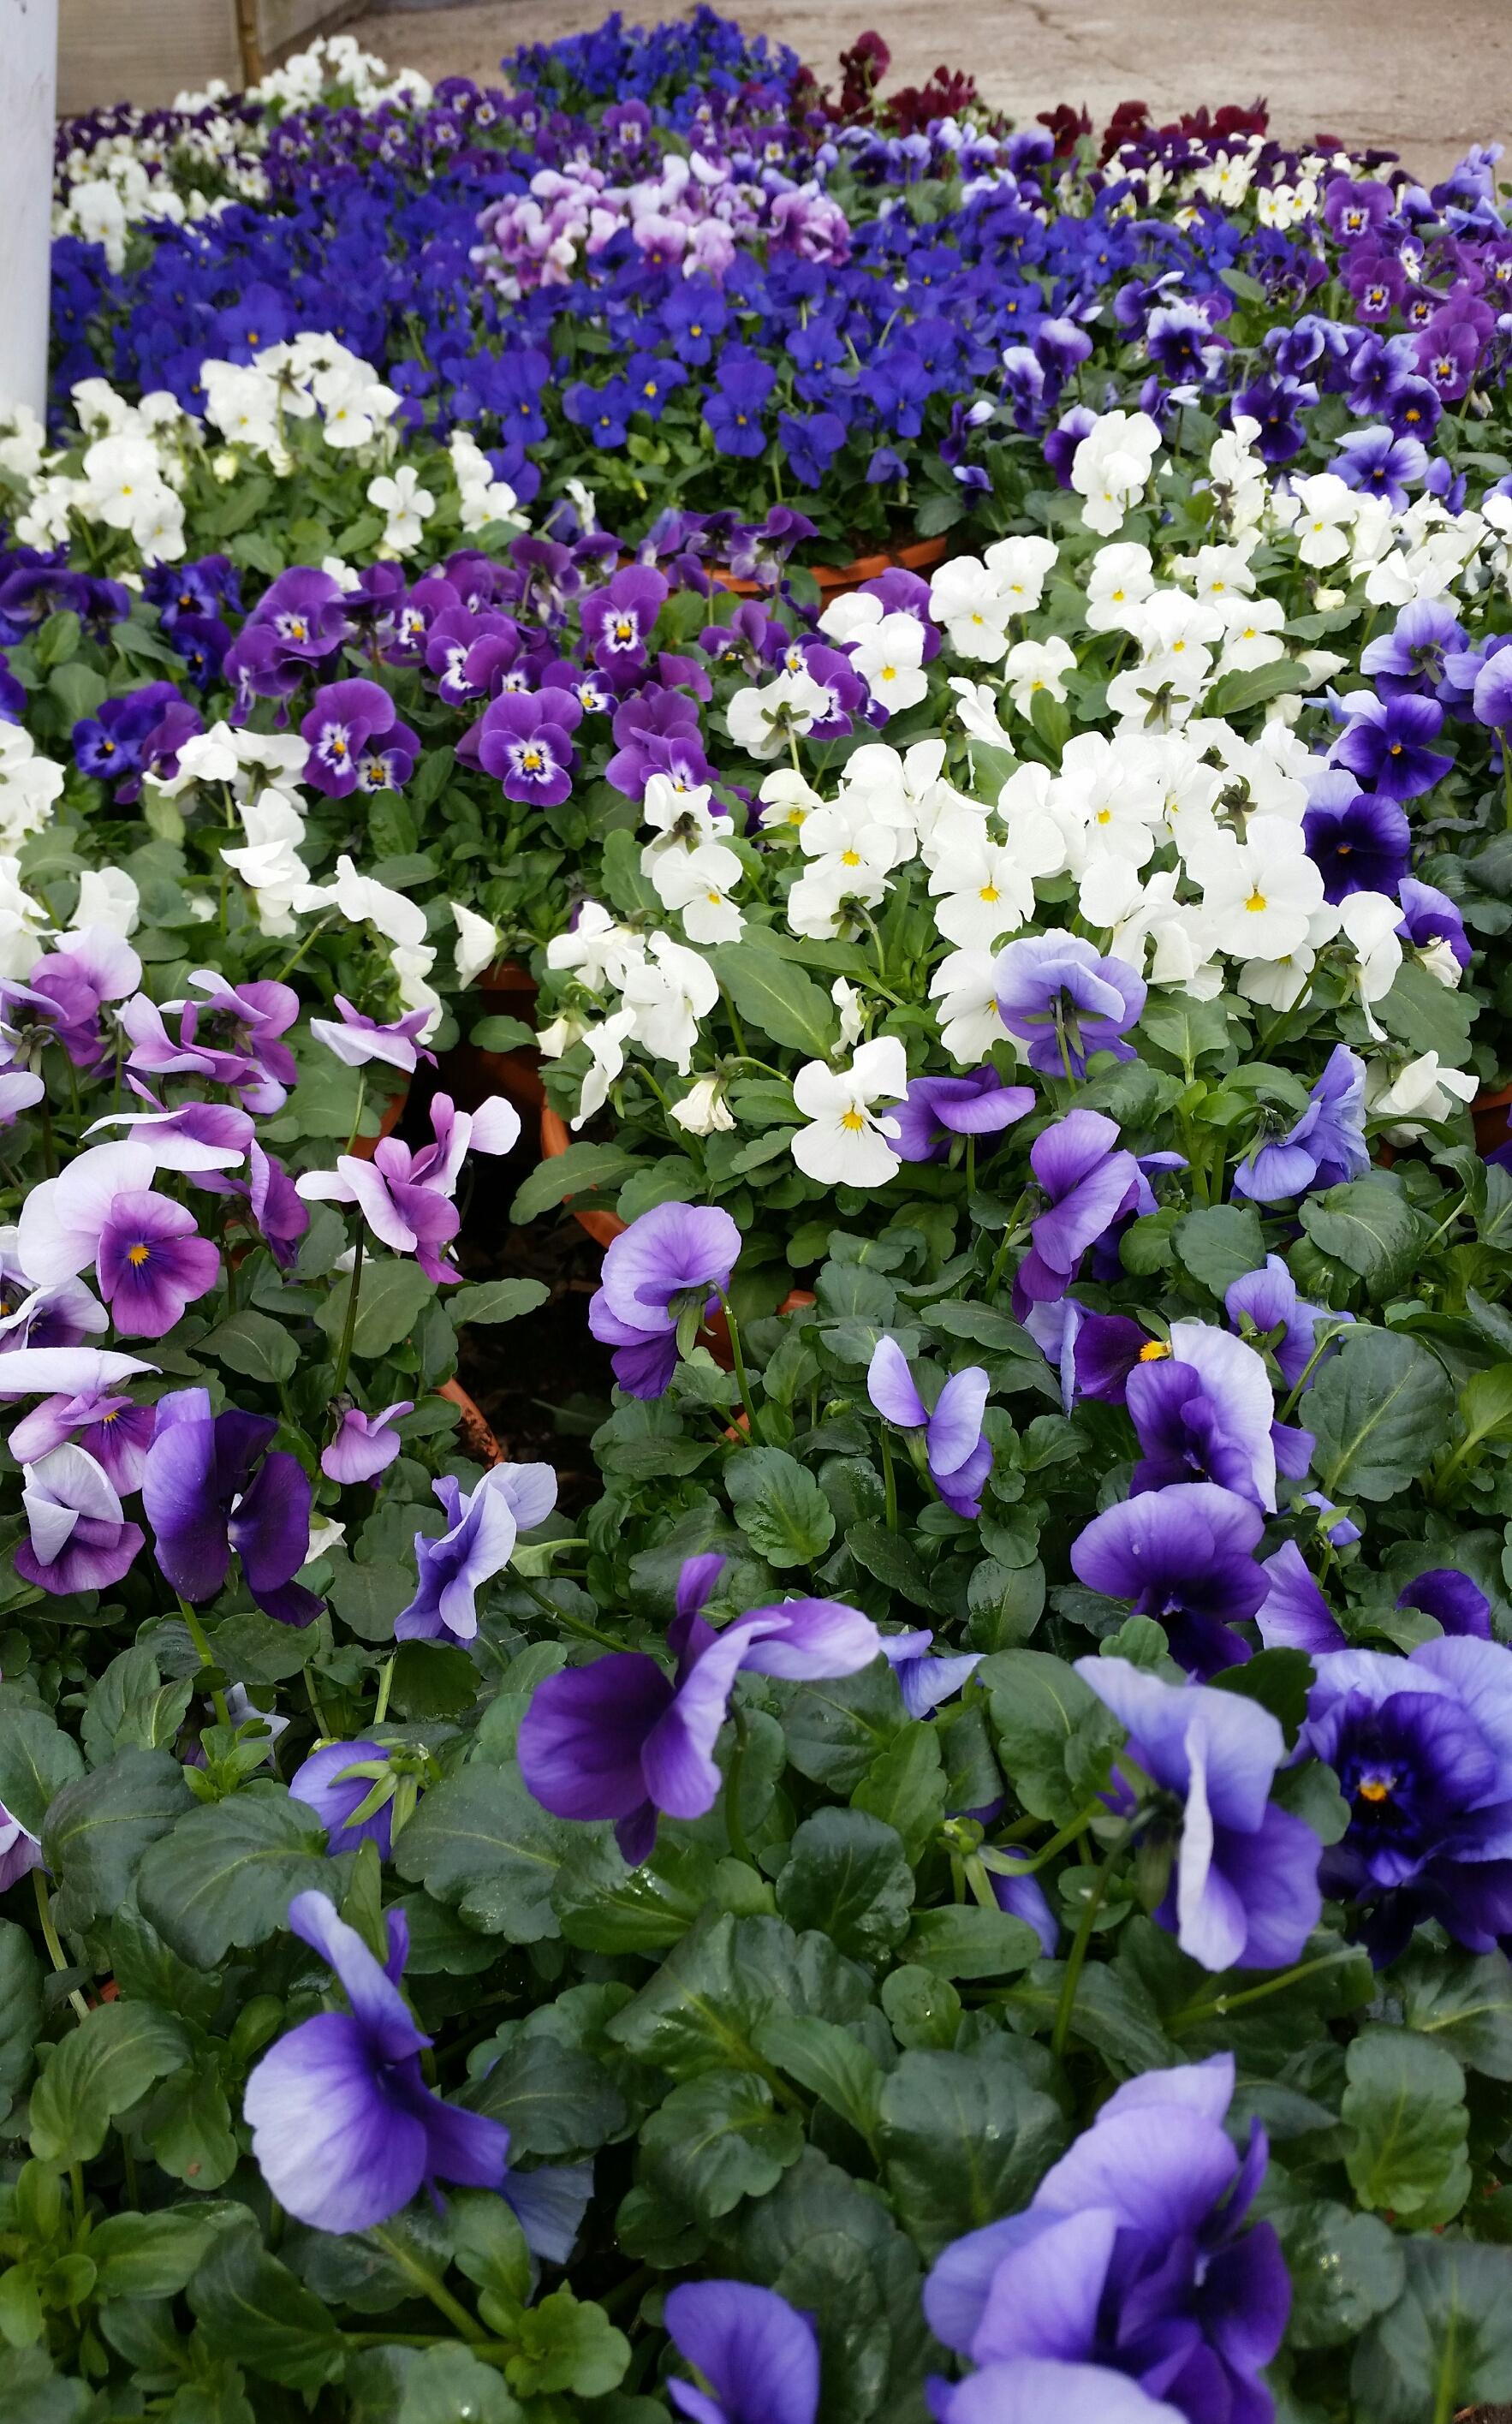 Hva kan plantes ut i potter og bed nå i mars?